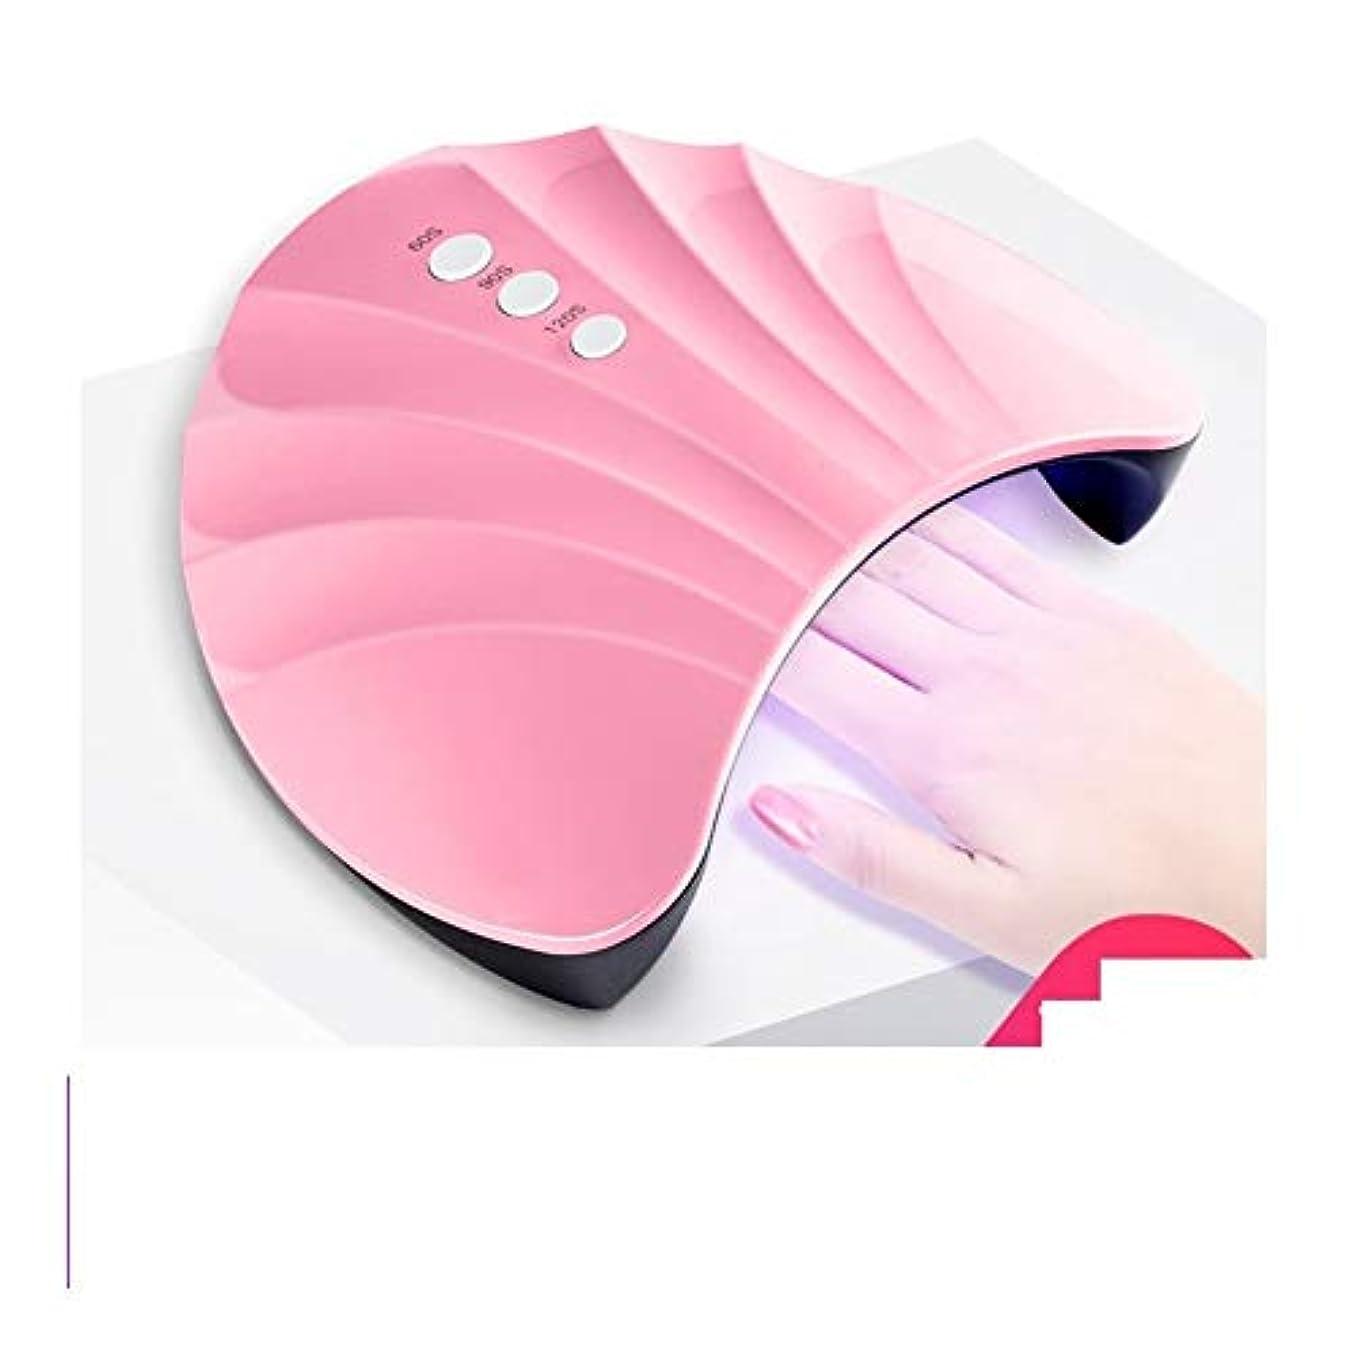 草特殊休憩LittleCat ネイルネイル照明スマート治療機36Wネイルドライヤーシェルソースランプビス (色 : 36w non-inductive pink)